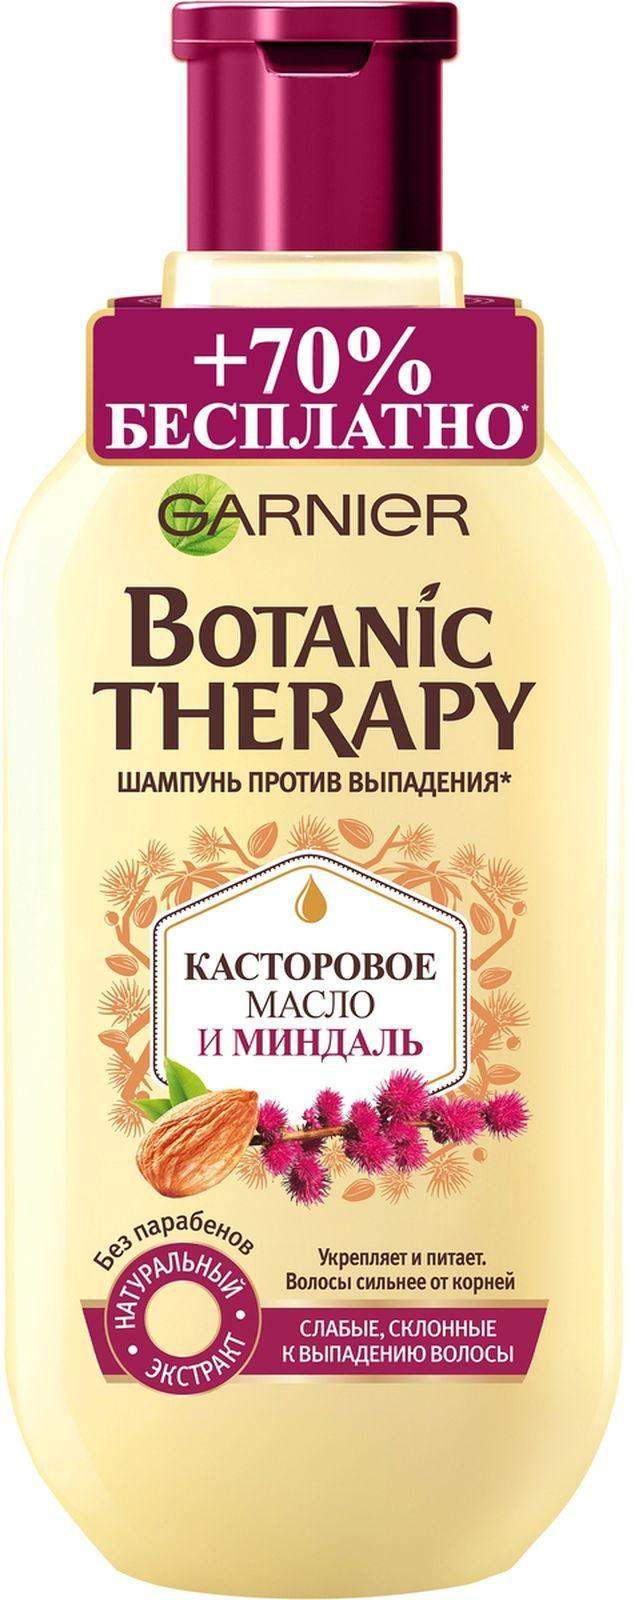 Шампунь Garnier Botanic Therapy Касторовое масло и миндаль, для ослабленных волос, склонных к выпаданию, 400 мл garnier бальзам botanic therapy касторовое масло и миндаль для ослабленных волос склонных к выпаданию 200 мл